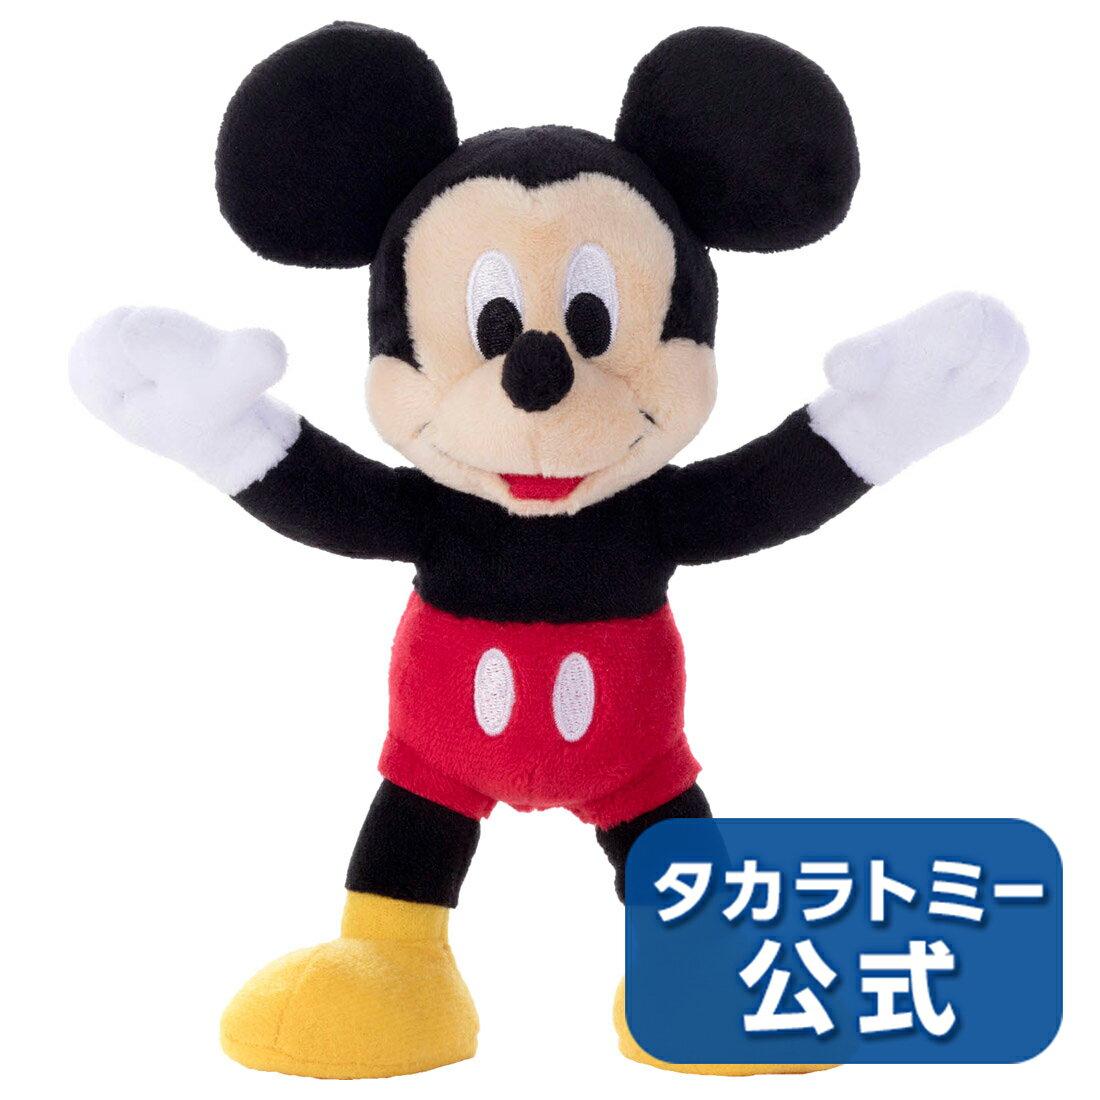 ディズニーキャラクター ポペット ミッキーマウス